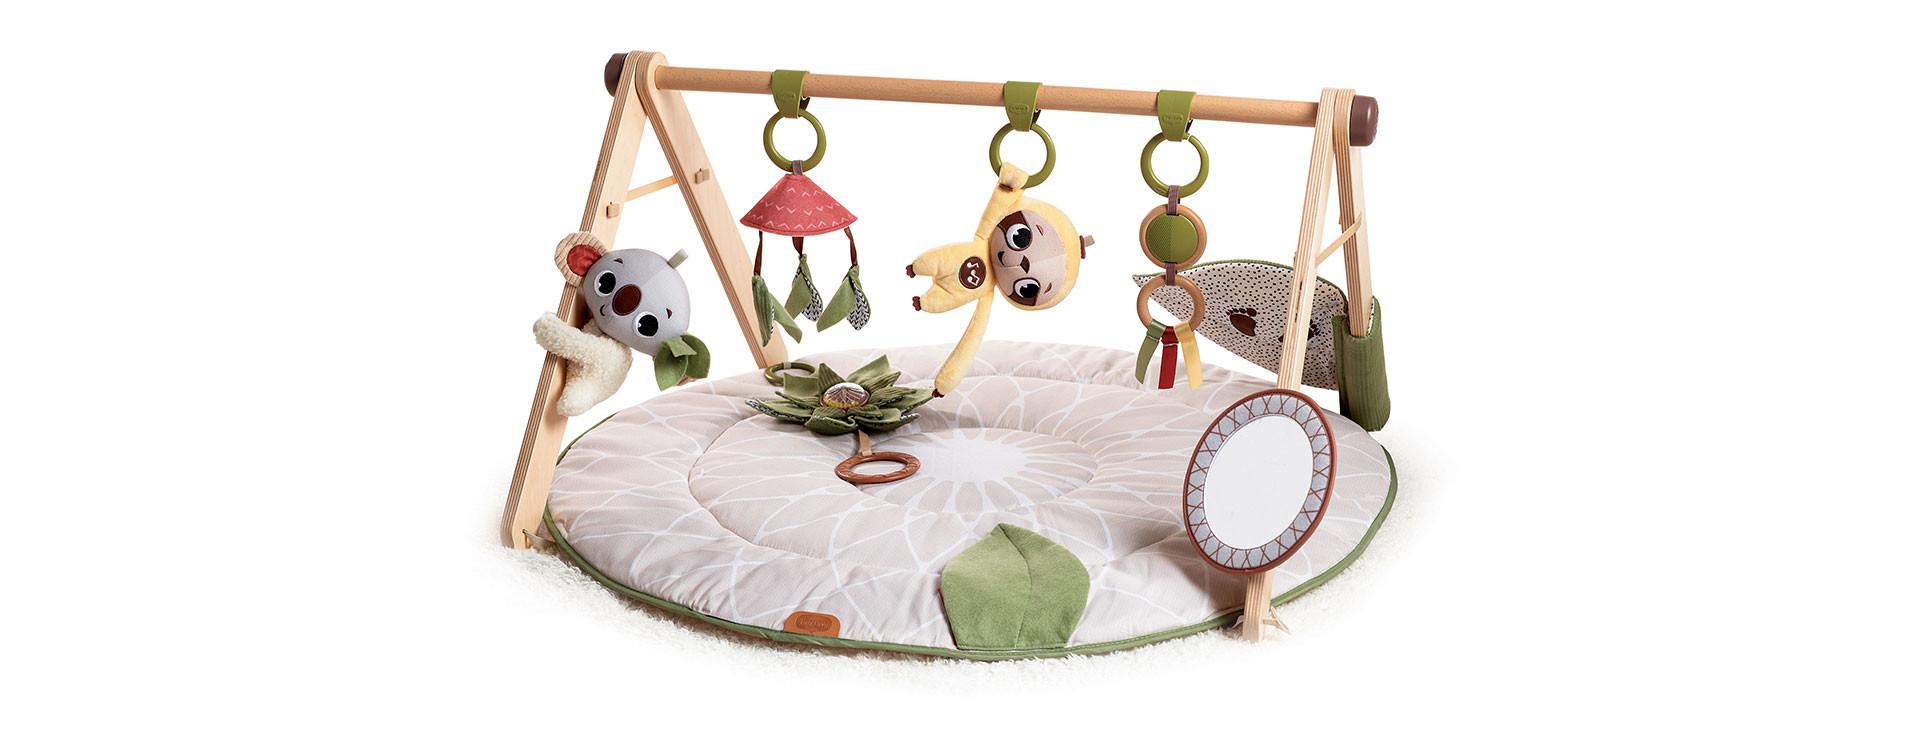 20 developmental activities encourage baby's skills